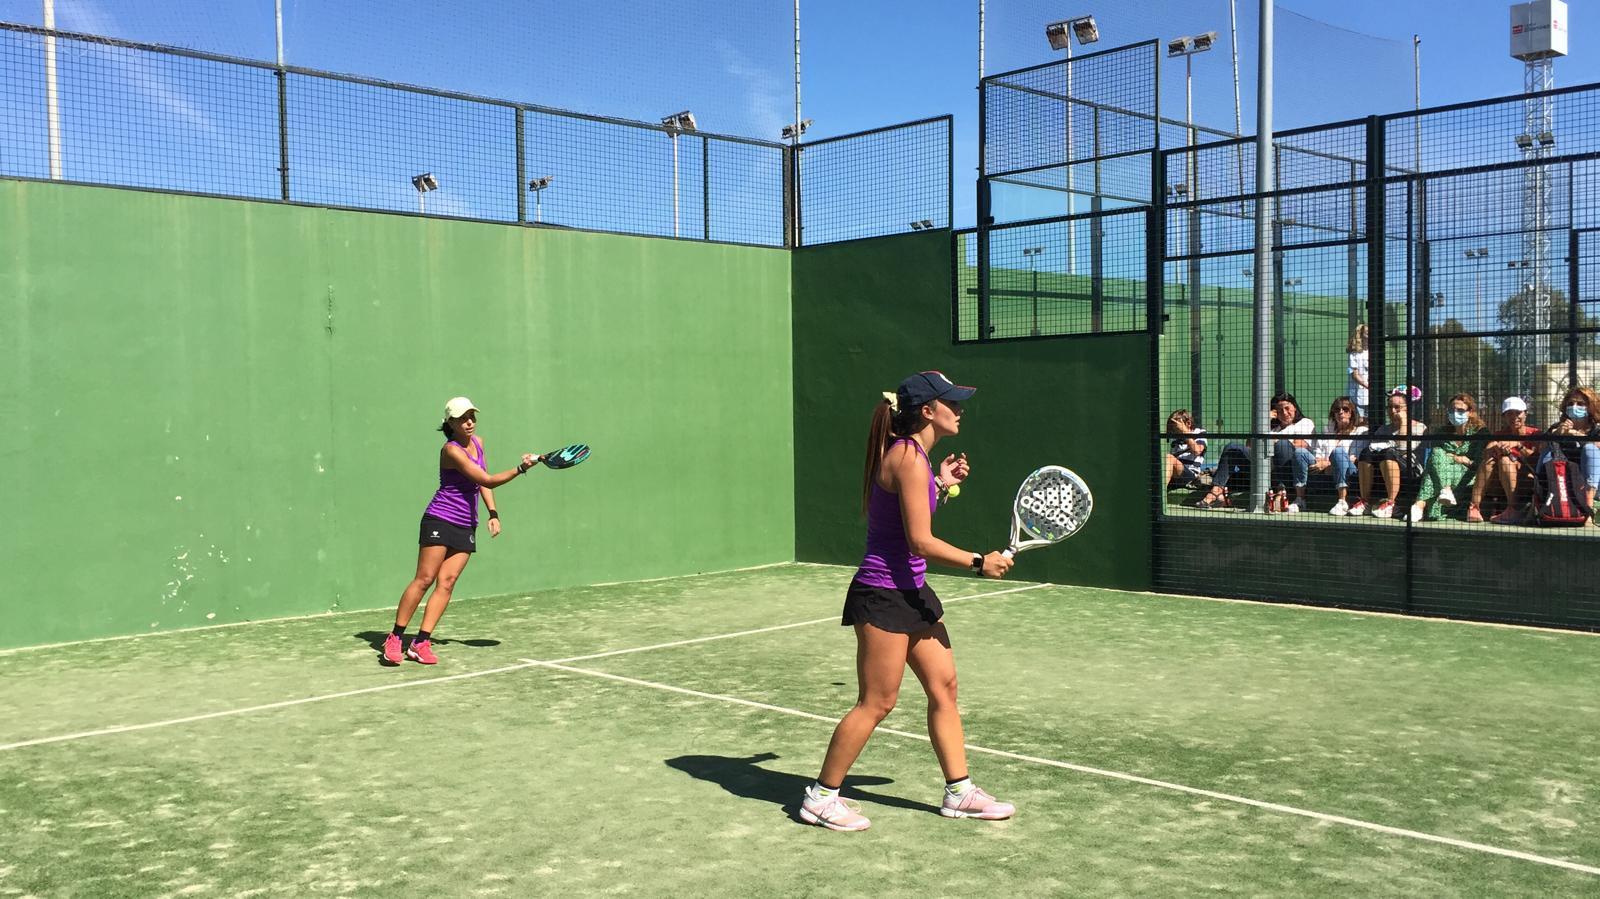 Escuela-de-tenis-y-padel-Club-La-Barrosa Chiclana de la Frontera, Novo Sancti Petri Cádiz 3.